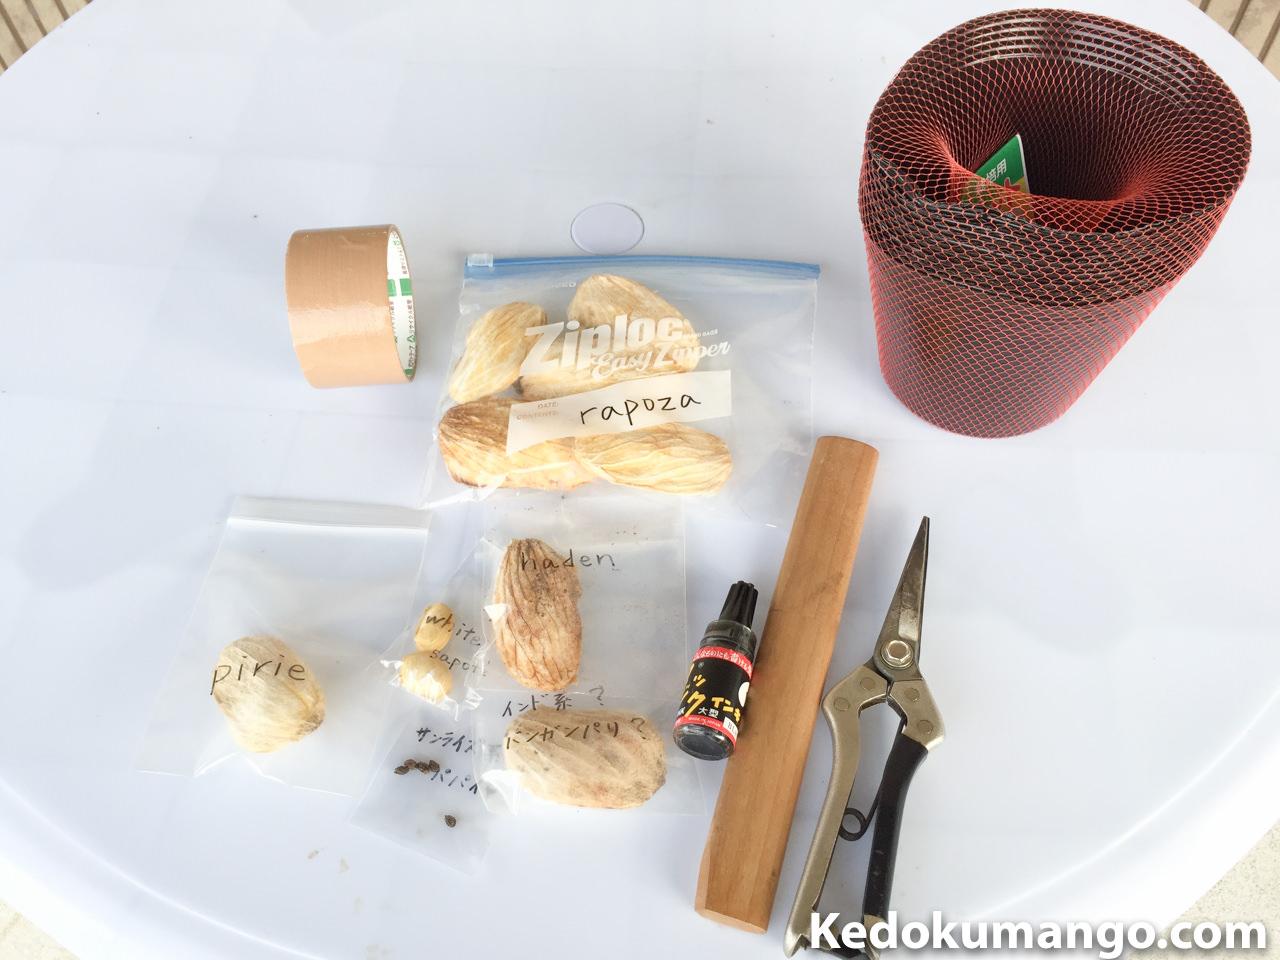 マンゴーの種の植付けで使用した道具